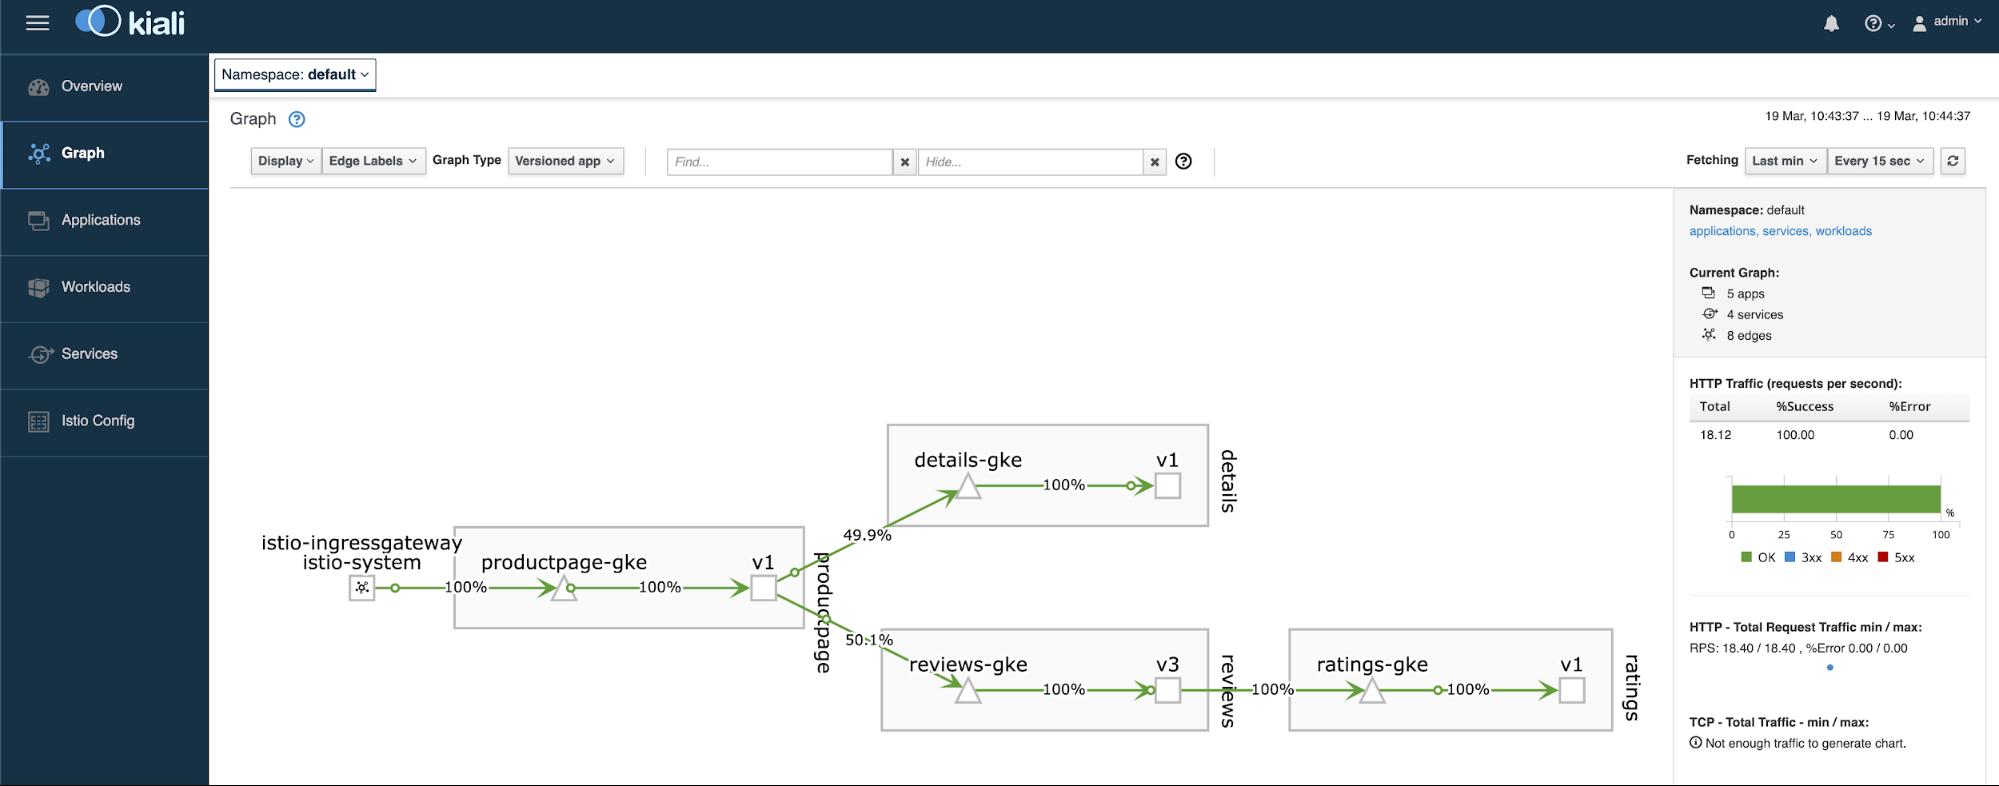 Erweitertes Mesh-Netzwerk visualisieren